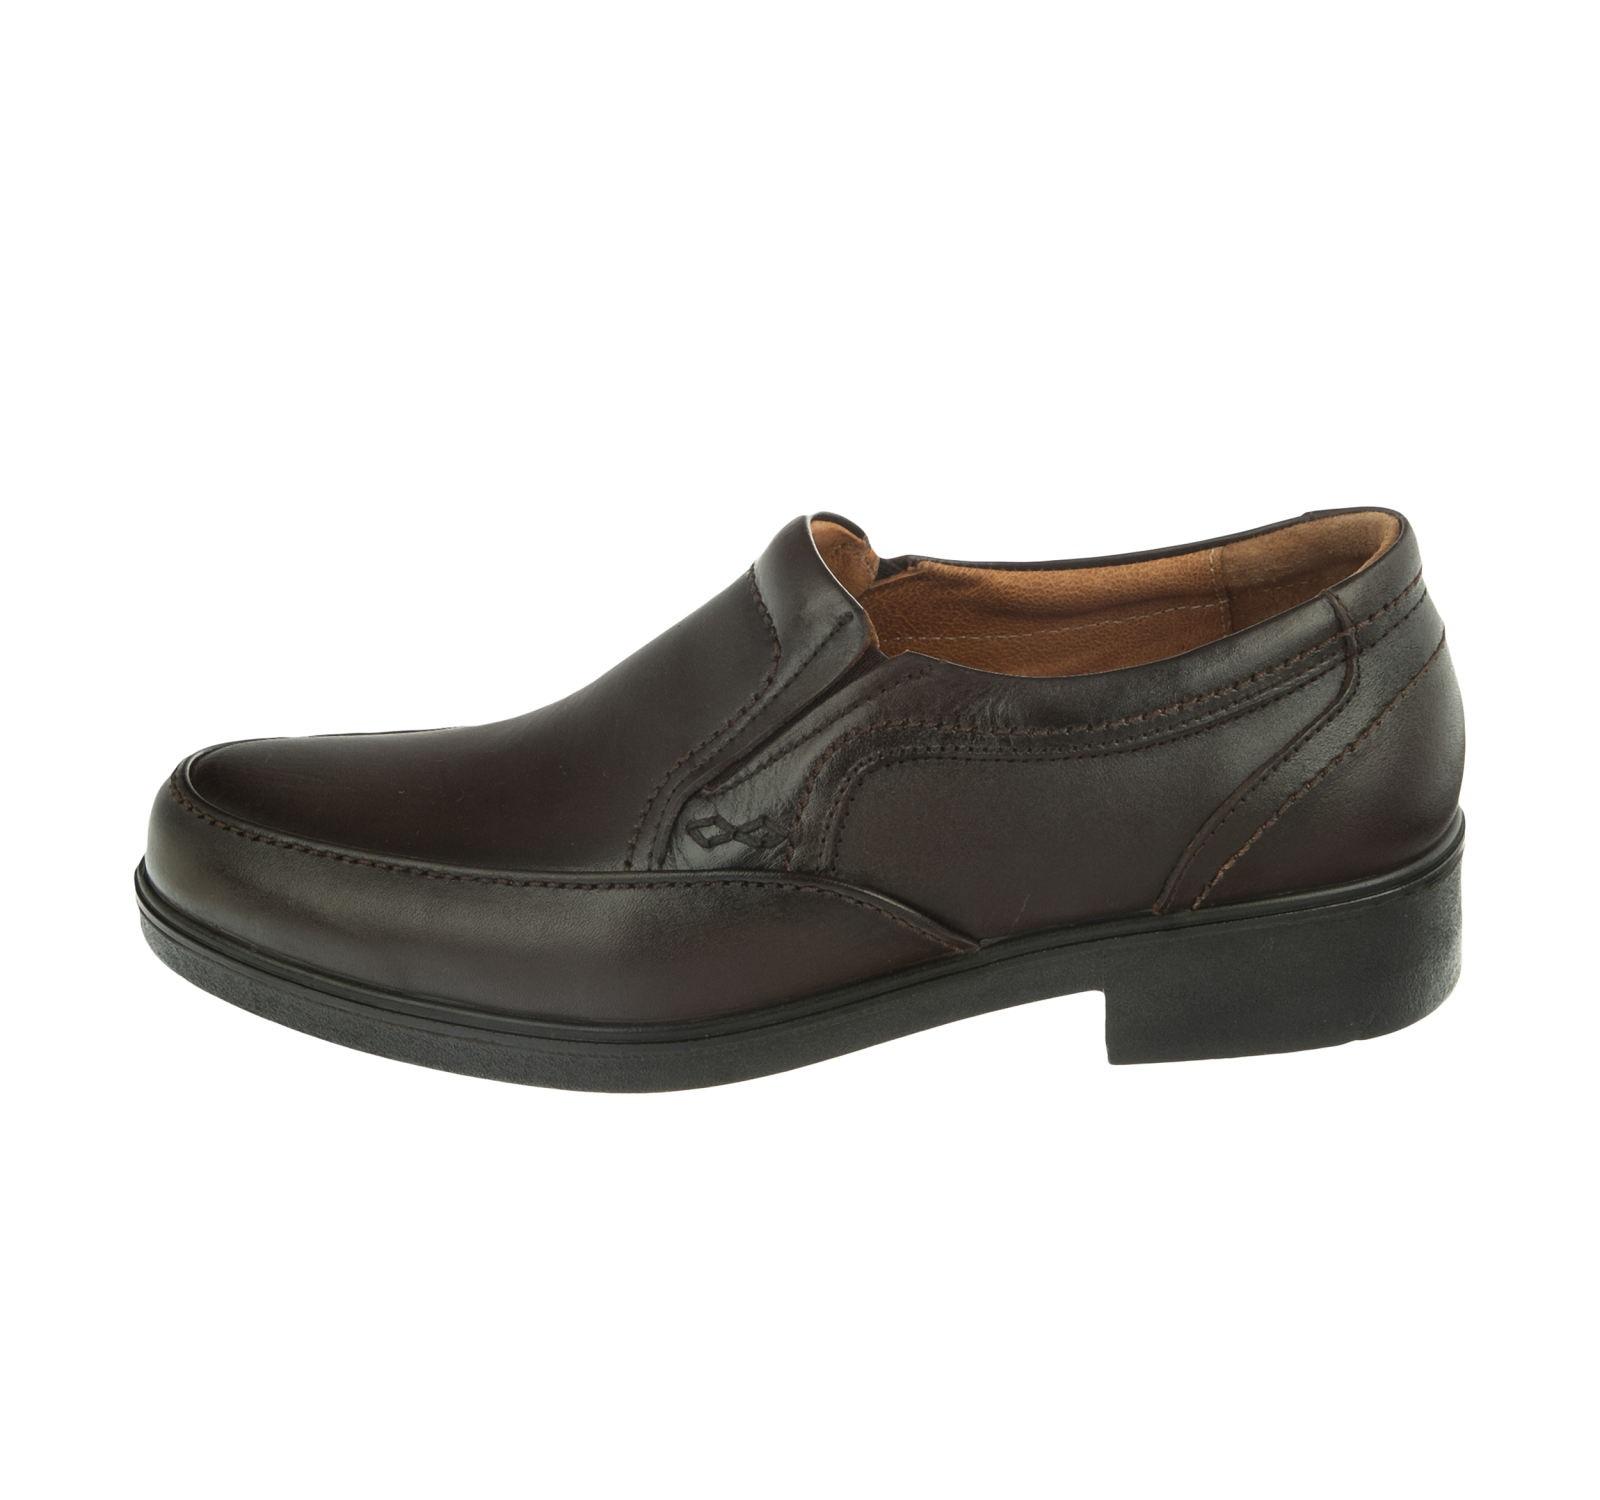 کفش مردانه مجلسی مدل T10 قهوه ای آذر پلاس